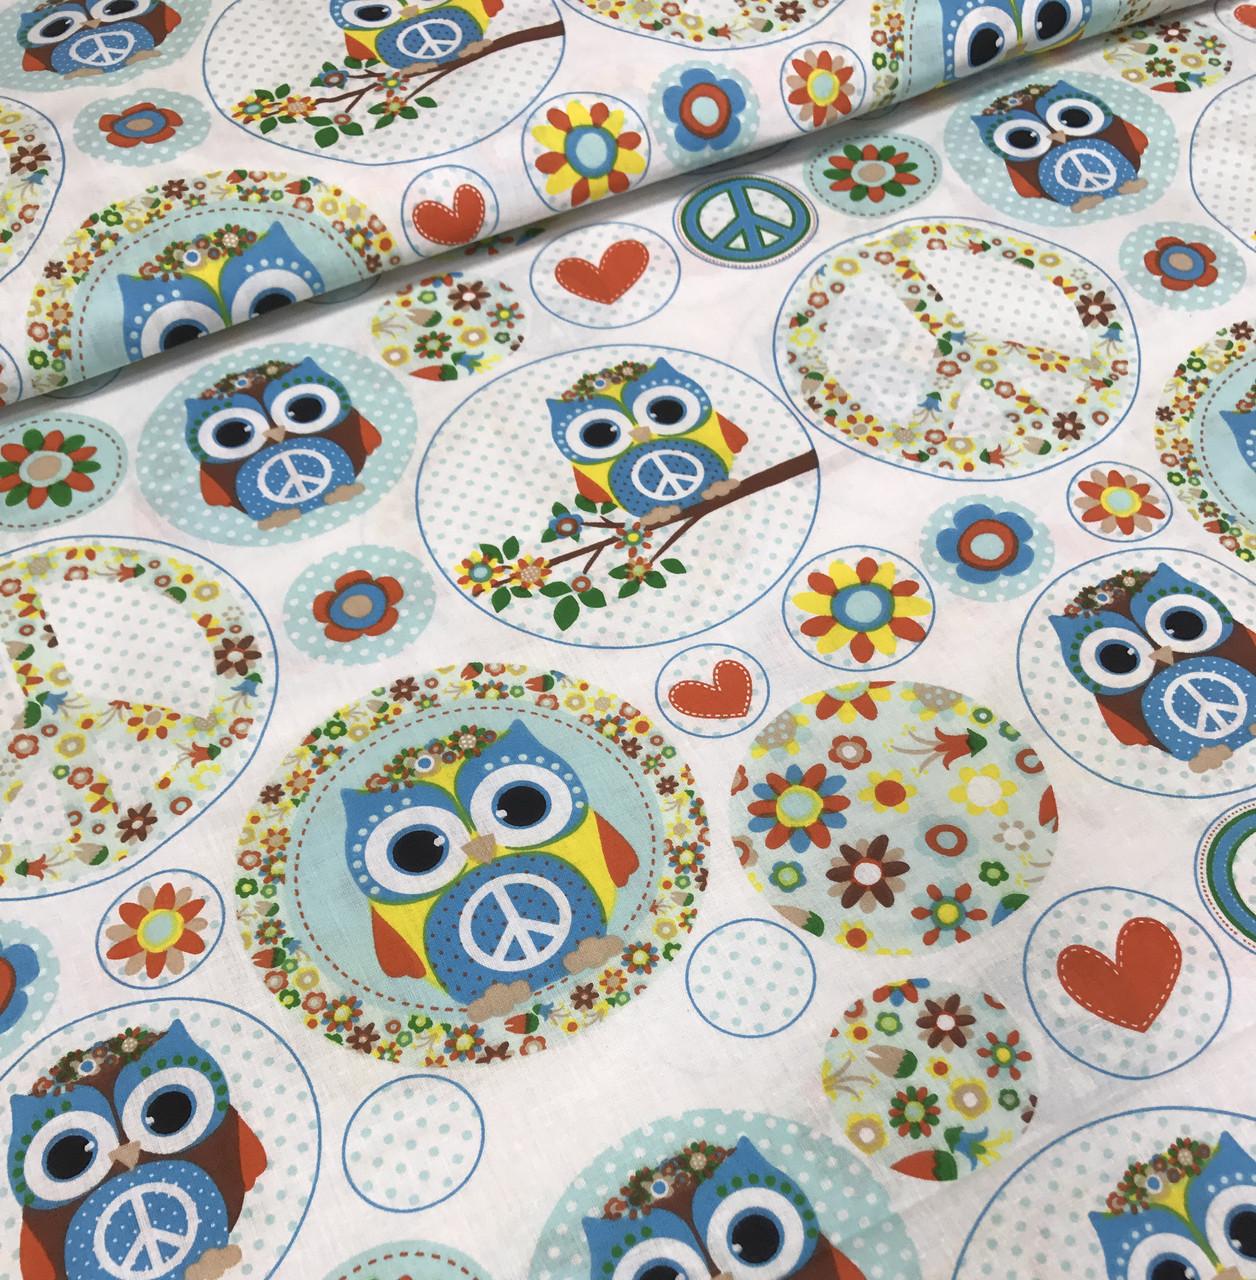 Хлопковая ткань польская совы в голубых кружочках №389